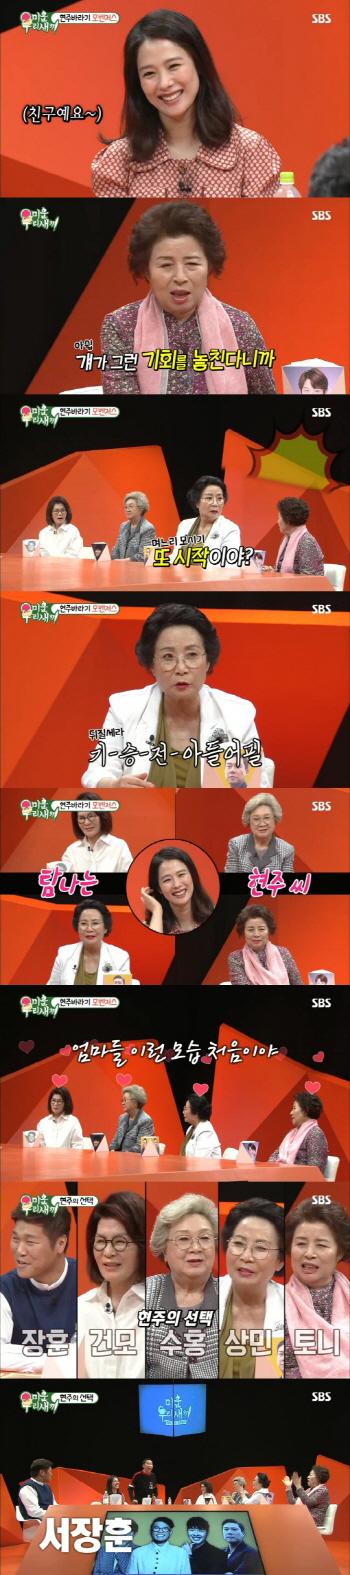 '미우새' 시청률 22.9%… 자체 최고 경신